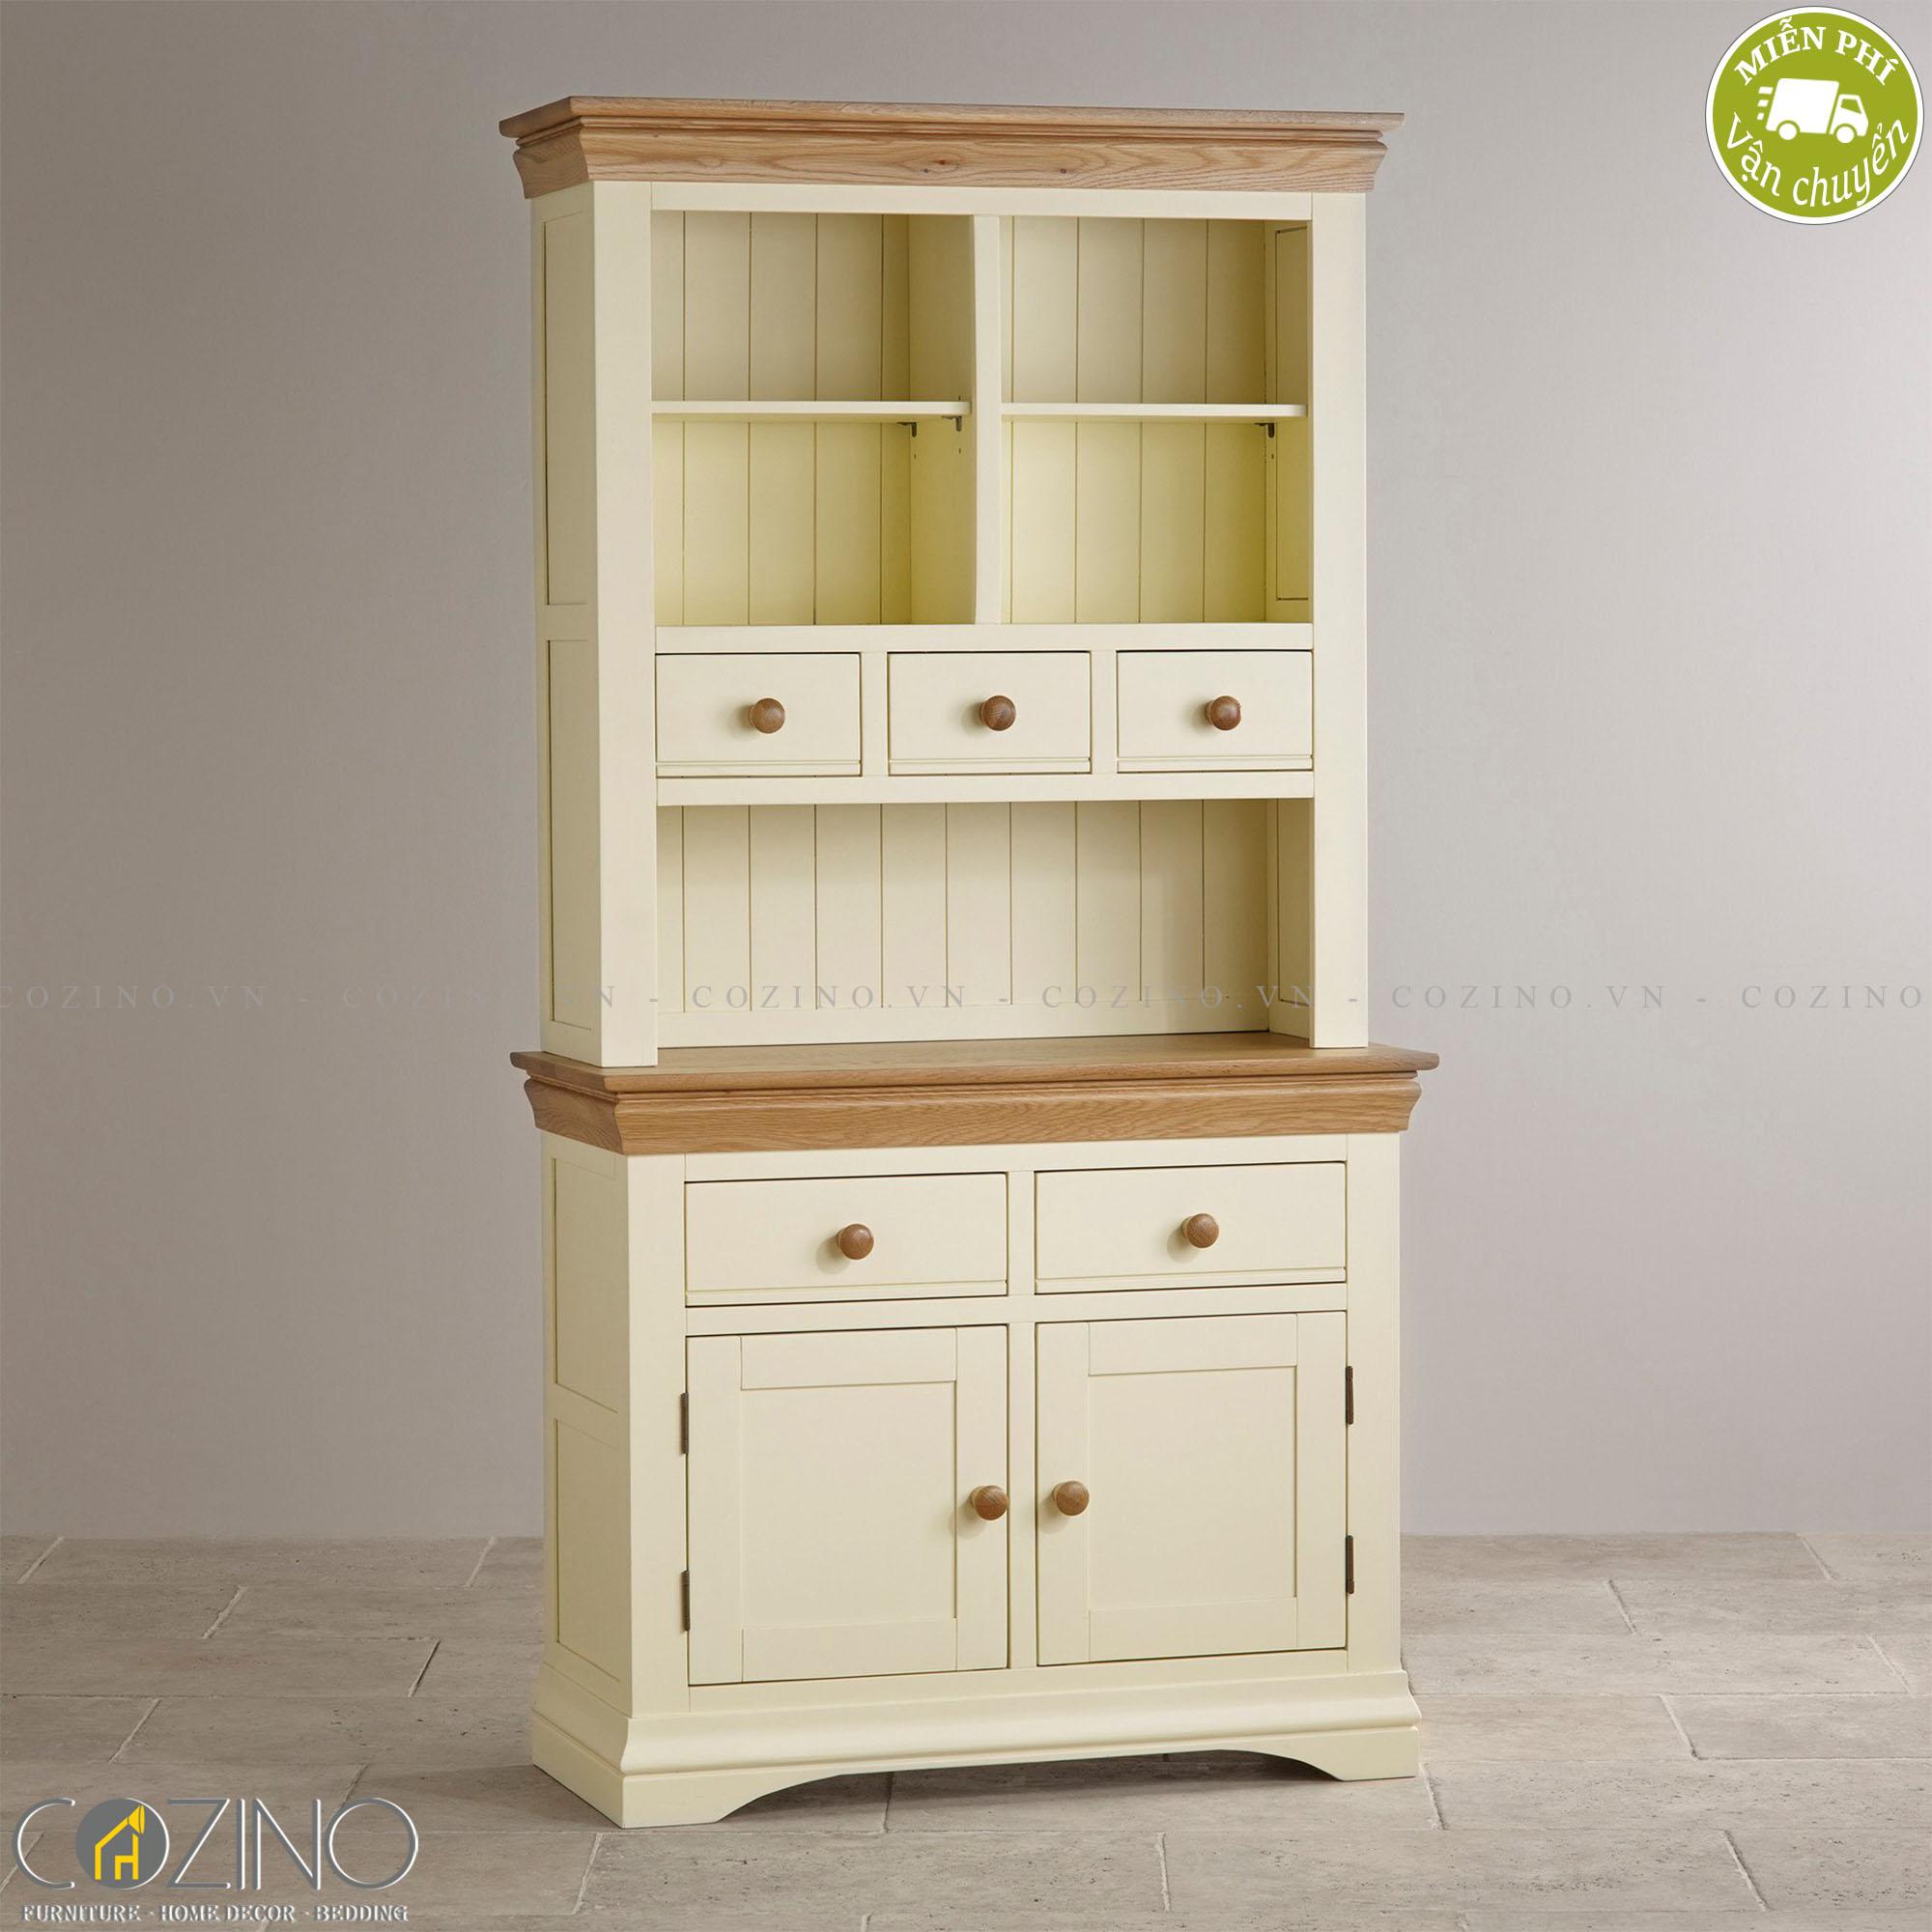 Tủ bếp nhỏ Canary gỗ sồi - Cozino